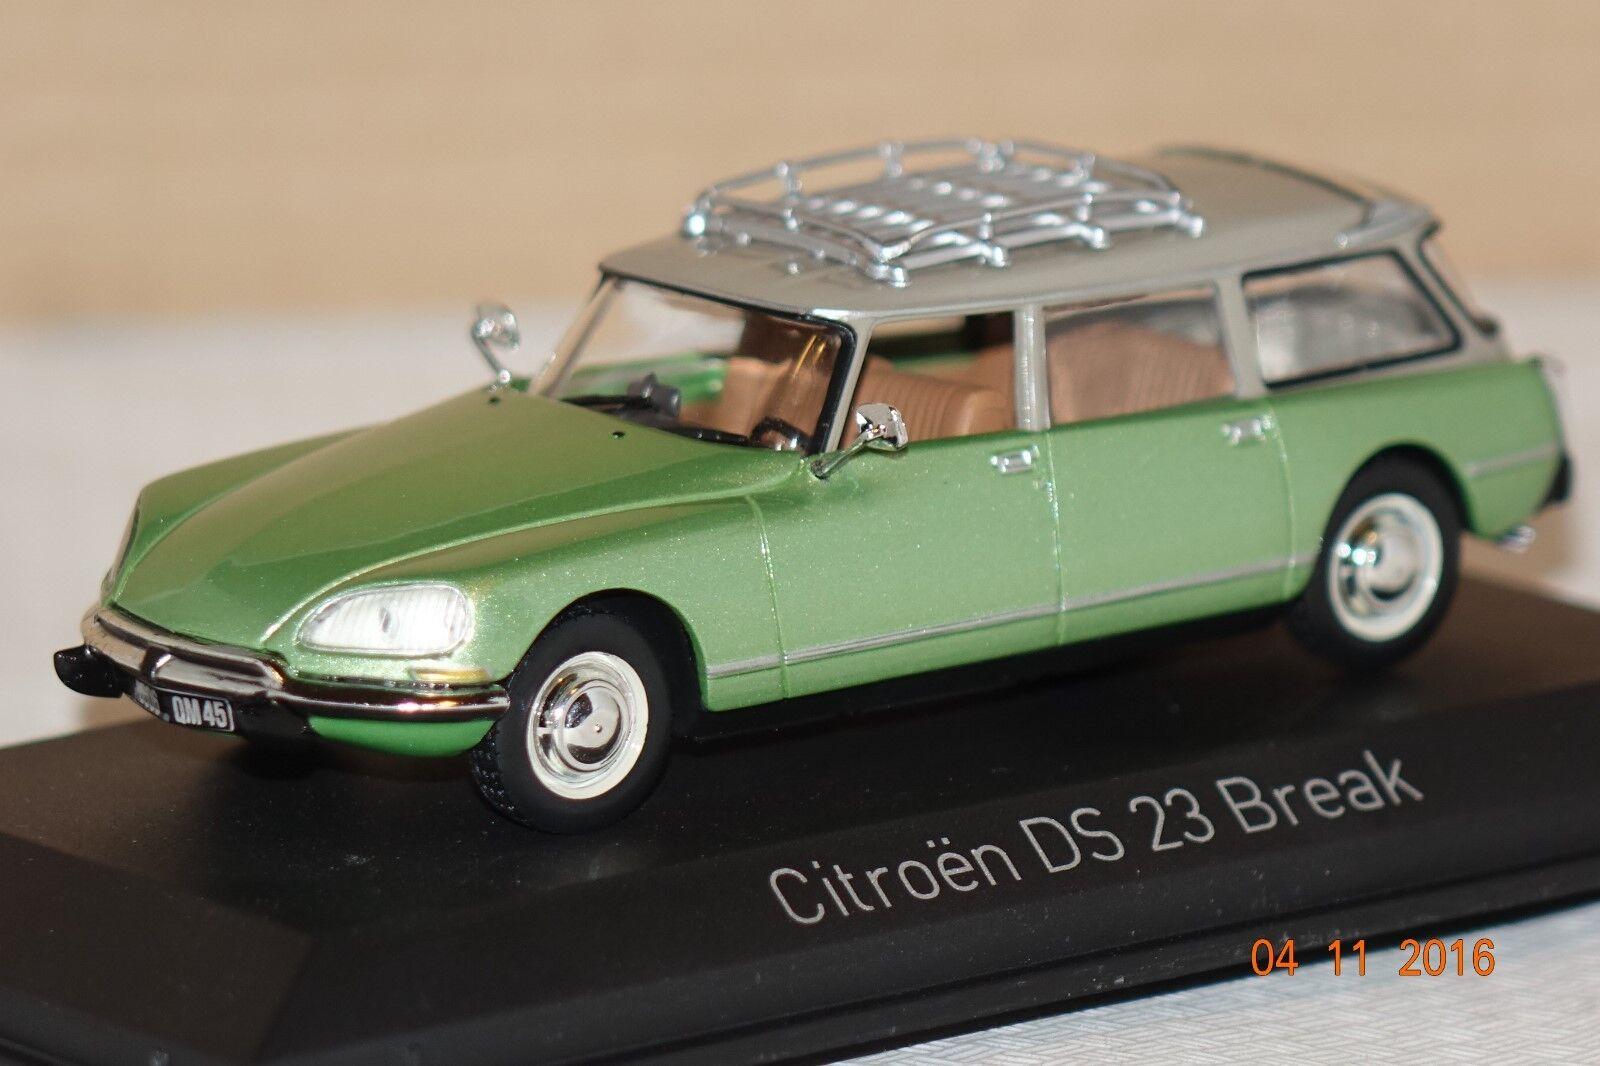 Citroën ds 23 pause 1974 gr ü n traf.1 43 norev neu & ovp 155044